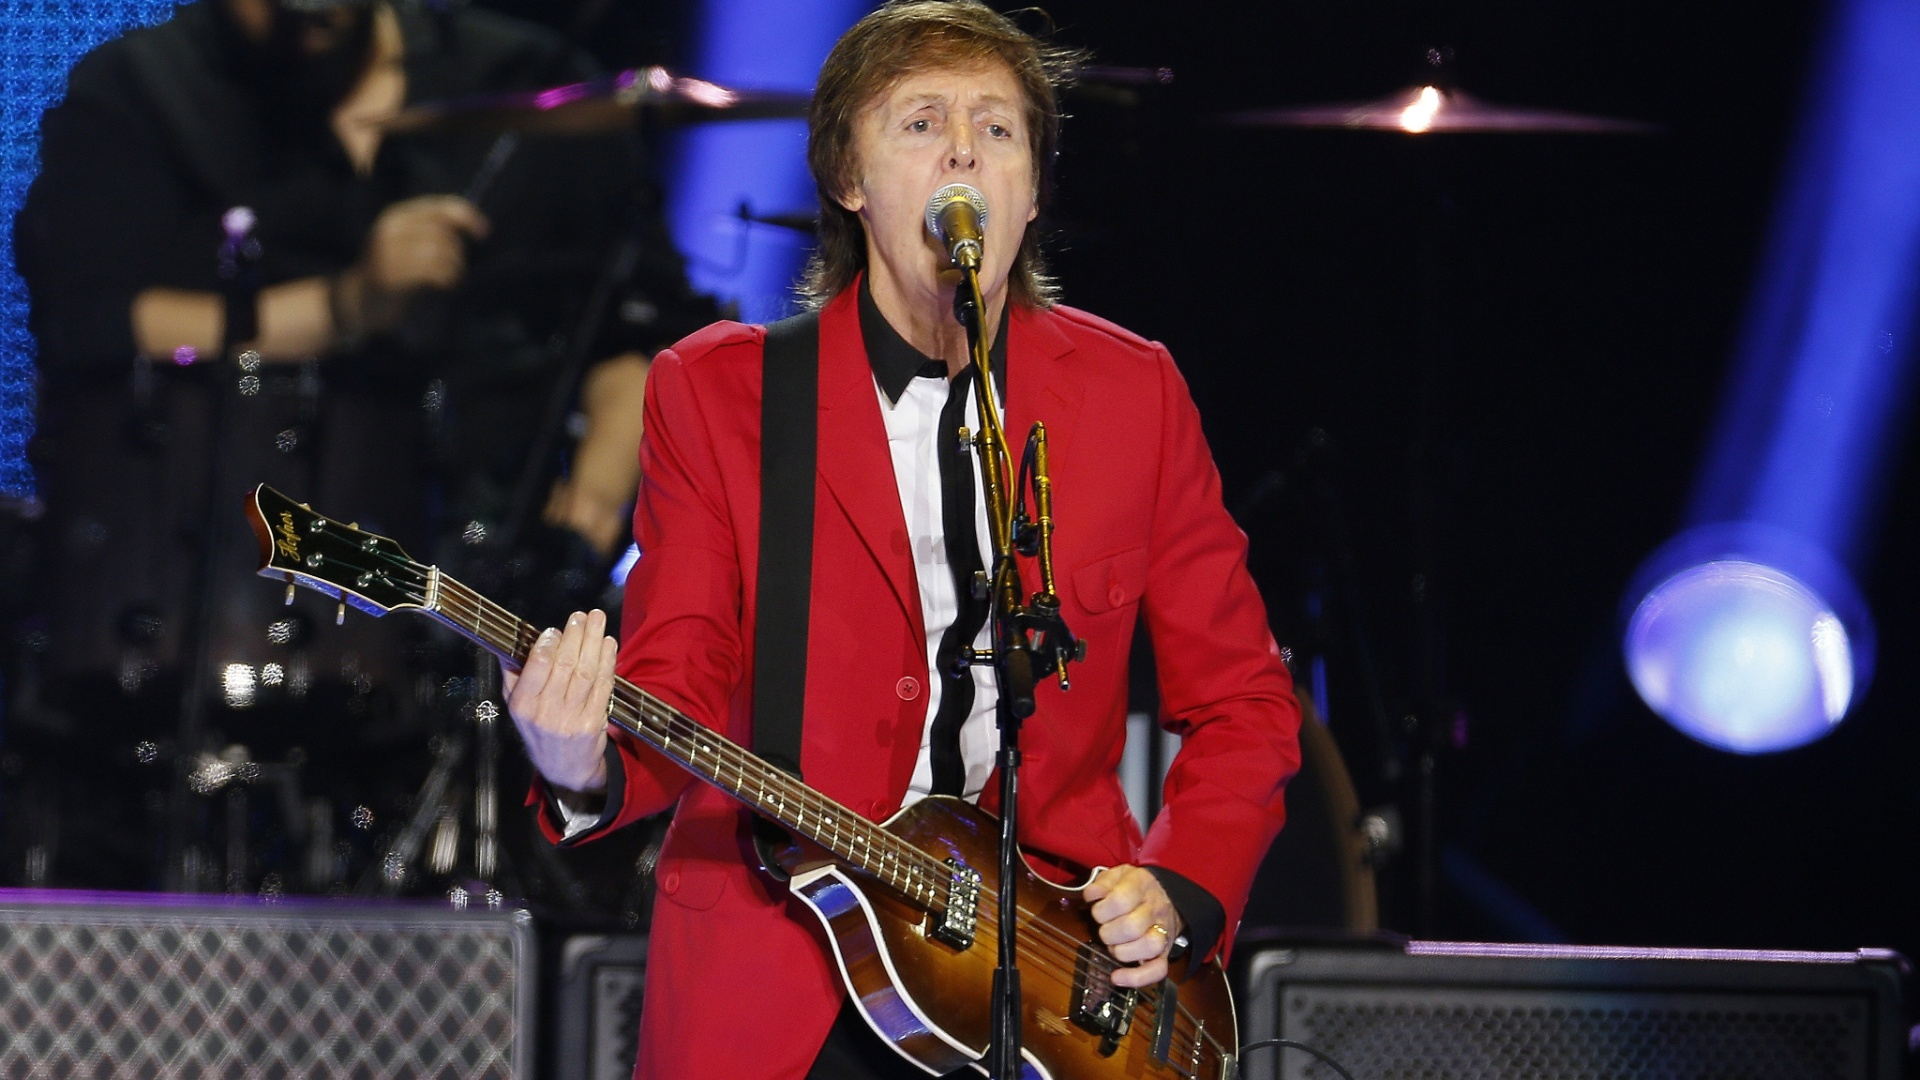 24.nov.2014 - Paul McCartney canta durante show no Estádio Mané Garrincha, em Brasília. Apesar de ser o quinto ano consecutivo que o ex-Beatle se apresenta no país, e de já fazer shows no Brasil desde a década de 90, esta foi sua primeira apresentação na capital do país. Paul McCartney segue agora com a turnê